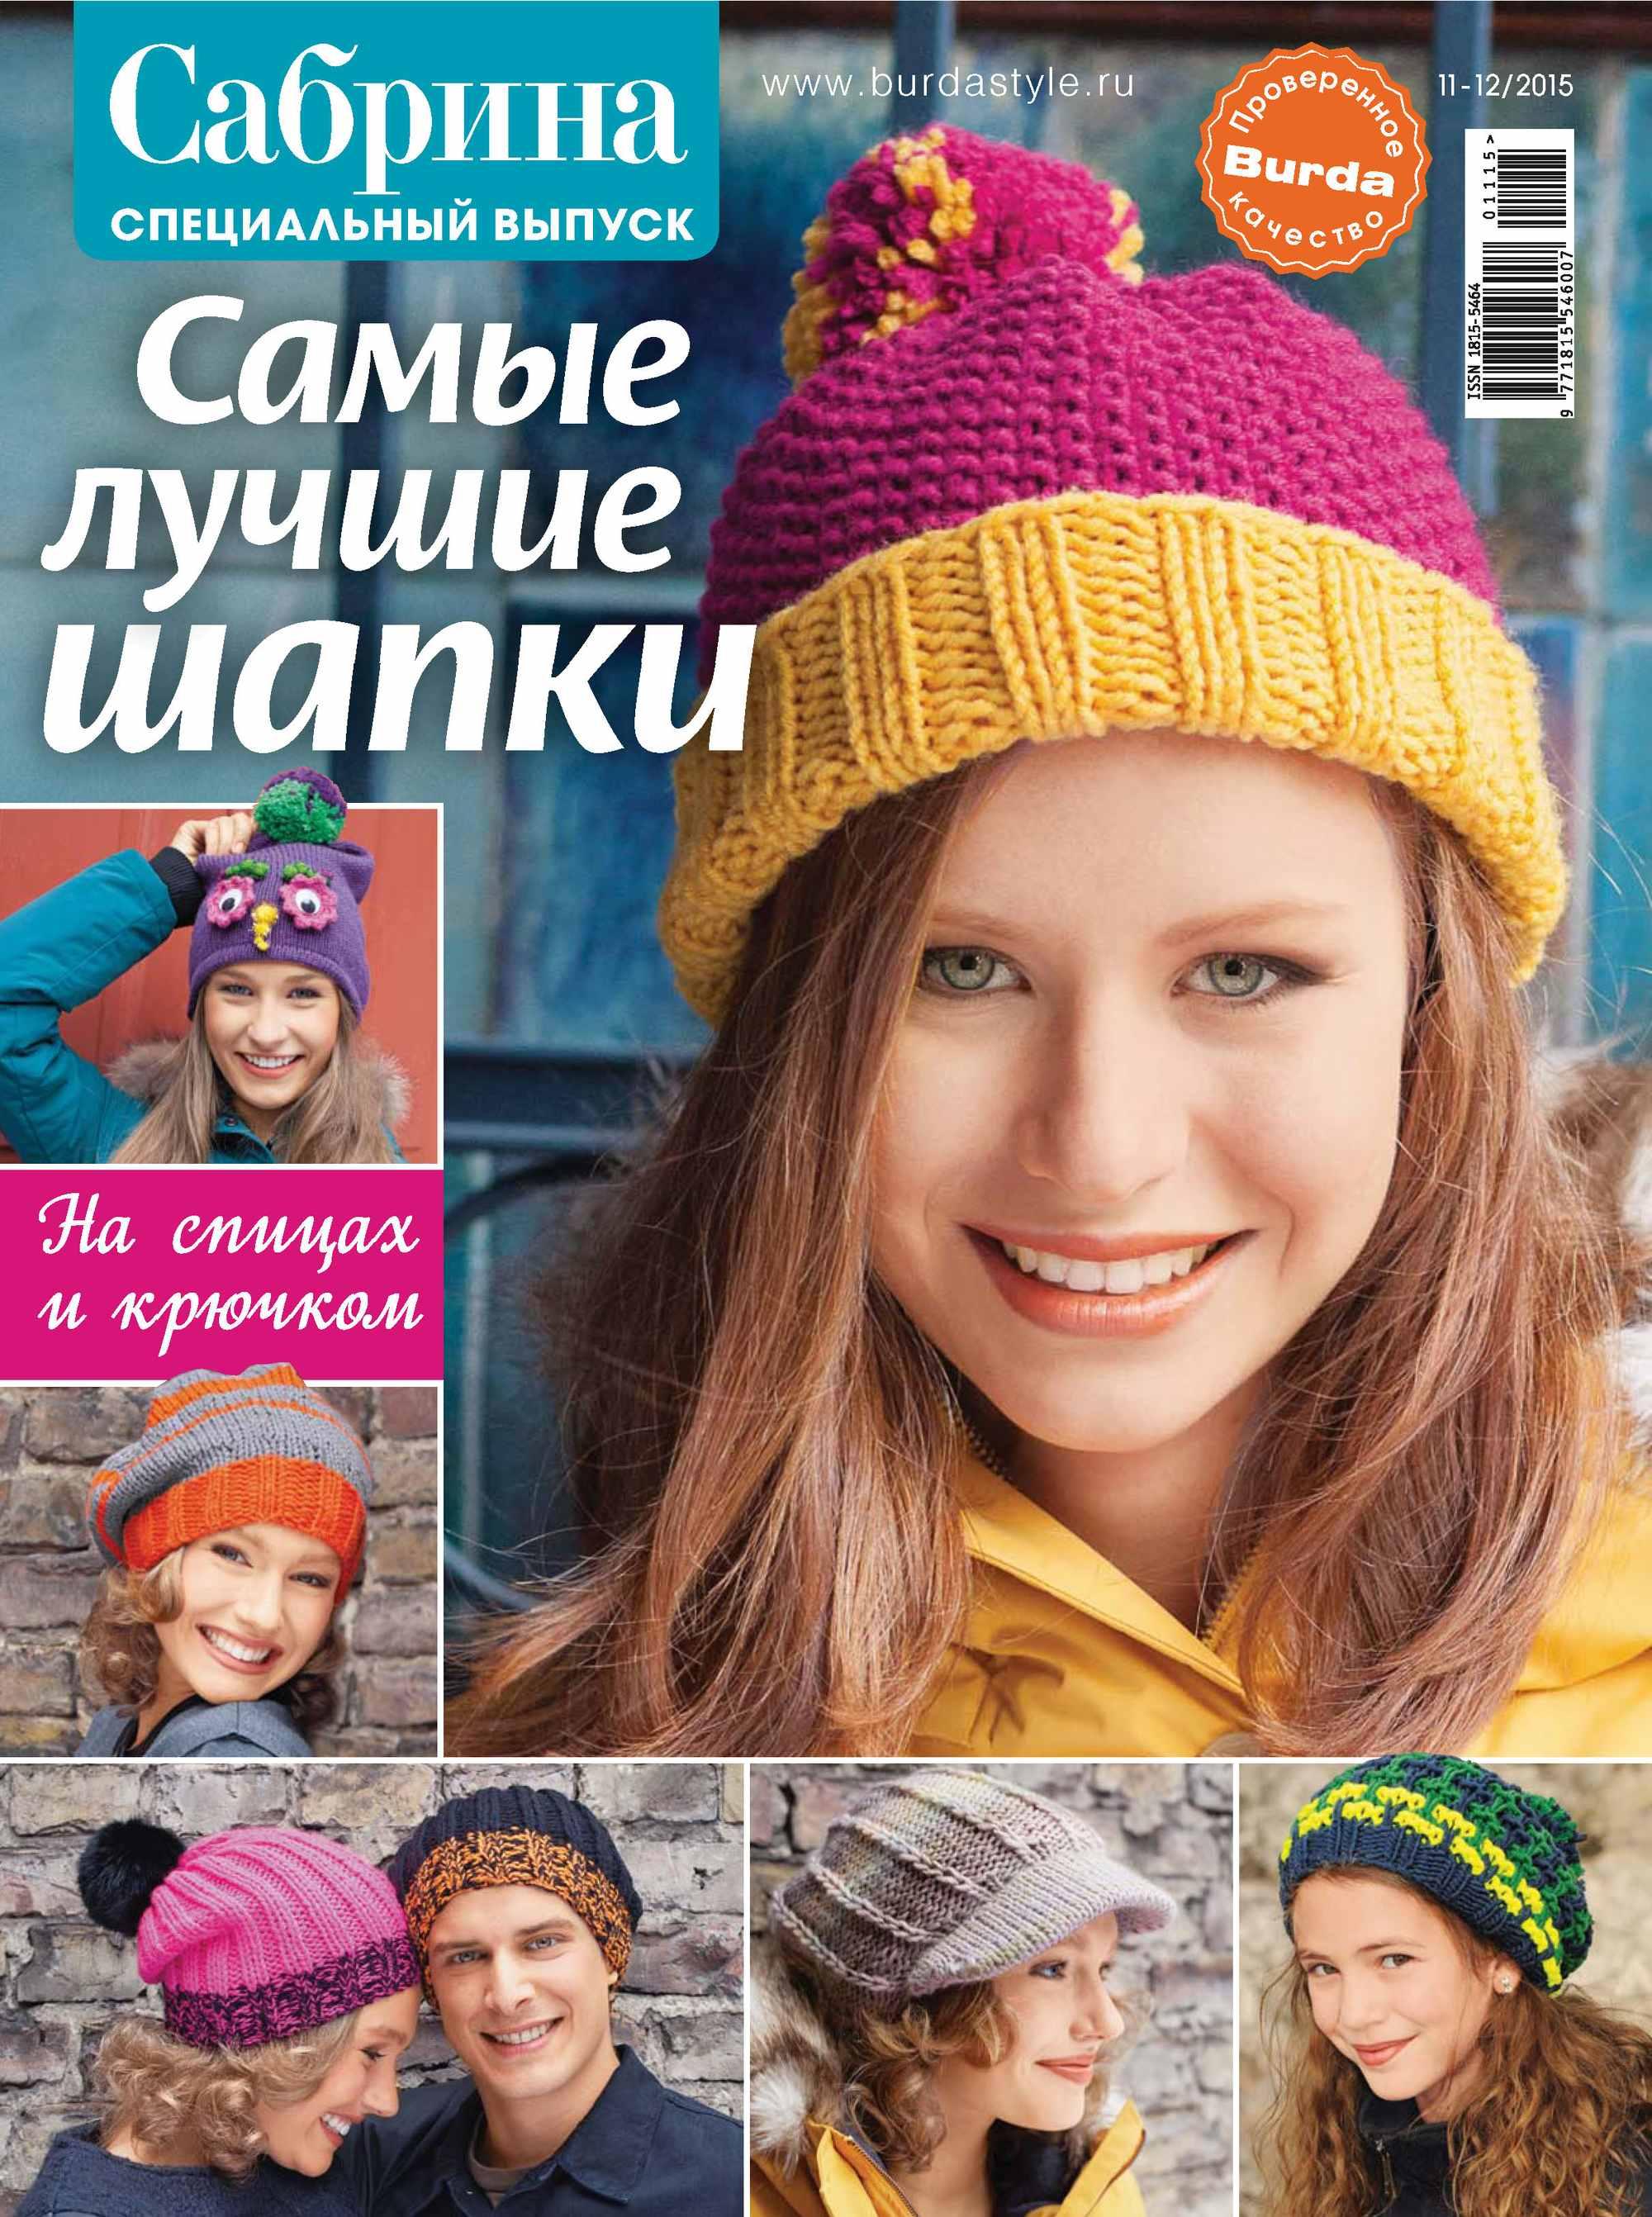 ИД «Бурда» Сабрина. Специальный выпуск. №11-12/2015